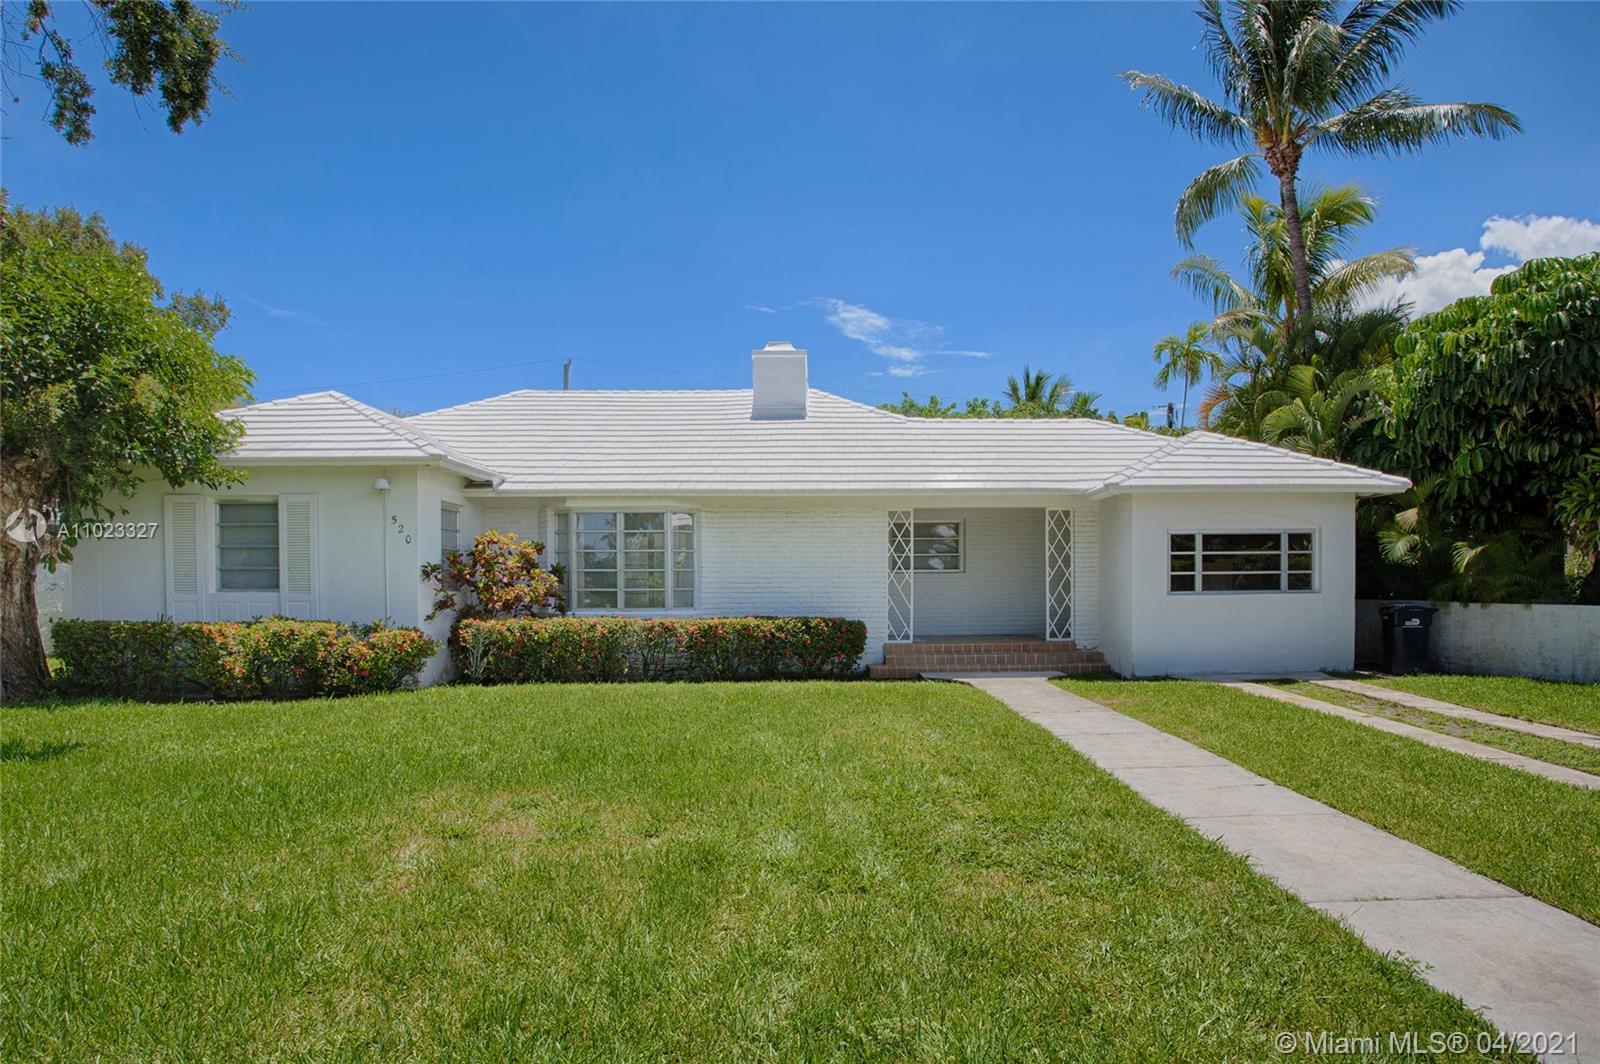 Lake View - 520 W 51st Ter, Miami Beach, FL 33140